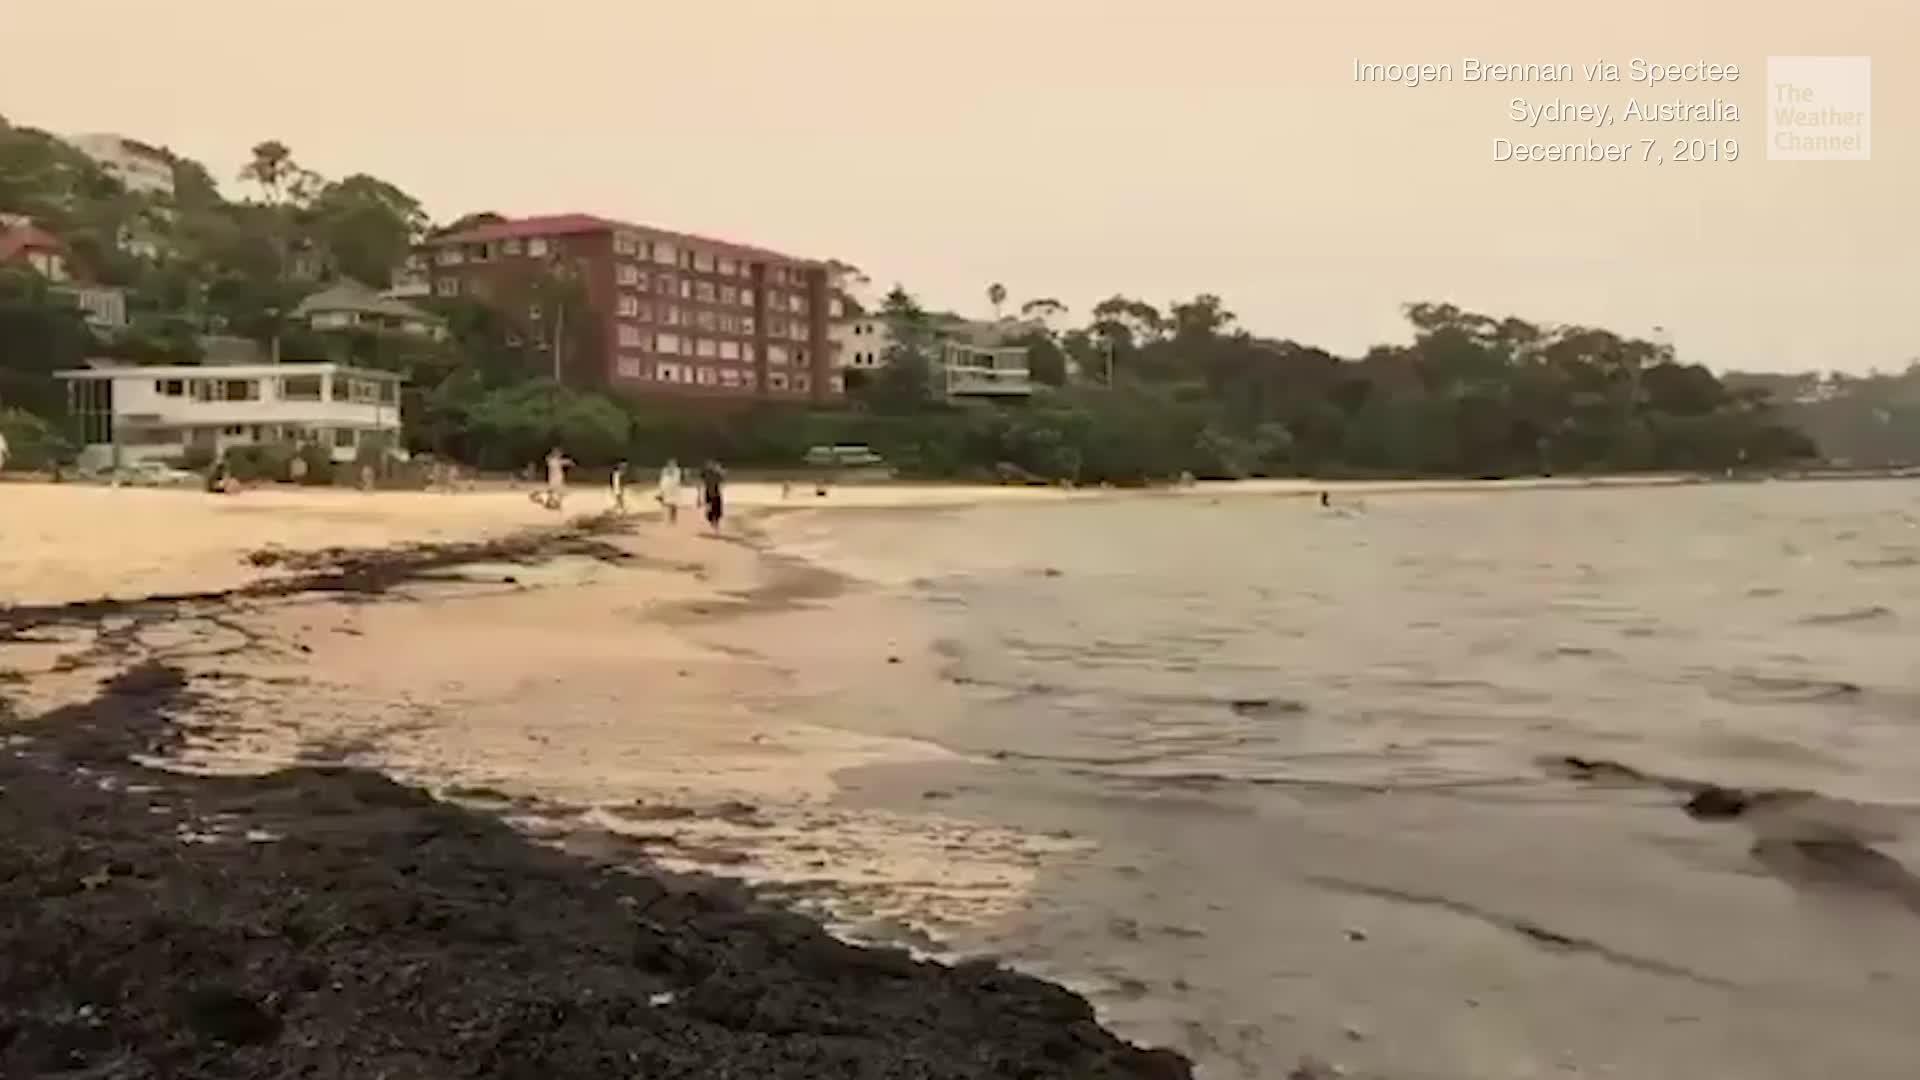 Cenizas de los incendios forestales en Australia han cubierto de una mancha negra las playas de Sydney y New South Wales.